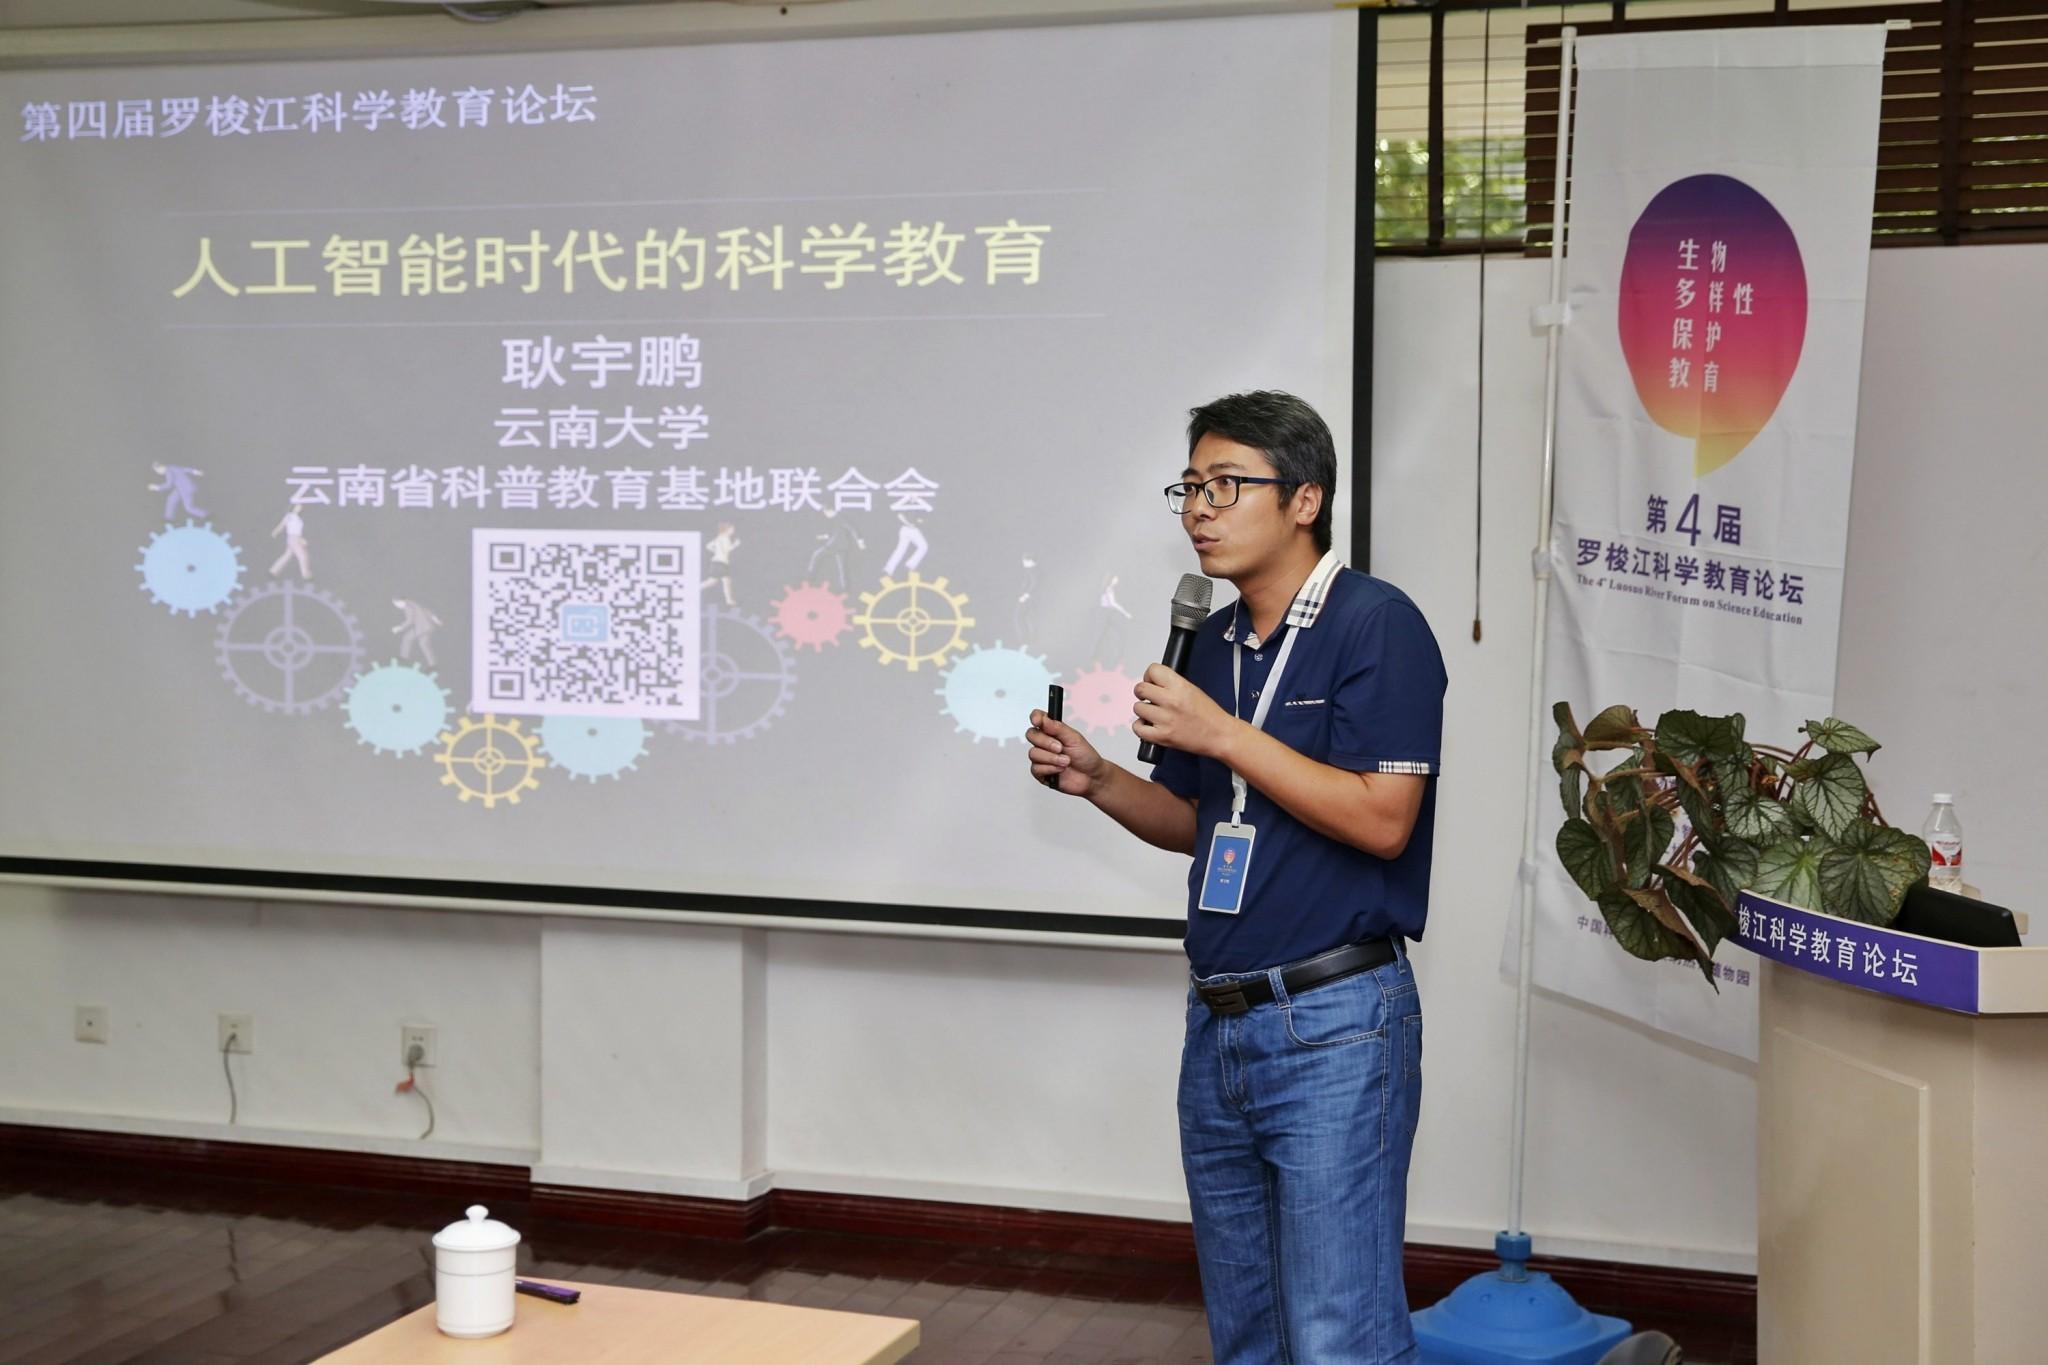 【专题报告】云南省科普教育基地联合会  耿宇鹏:人工智能时代的科学教育